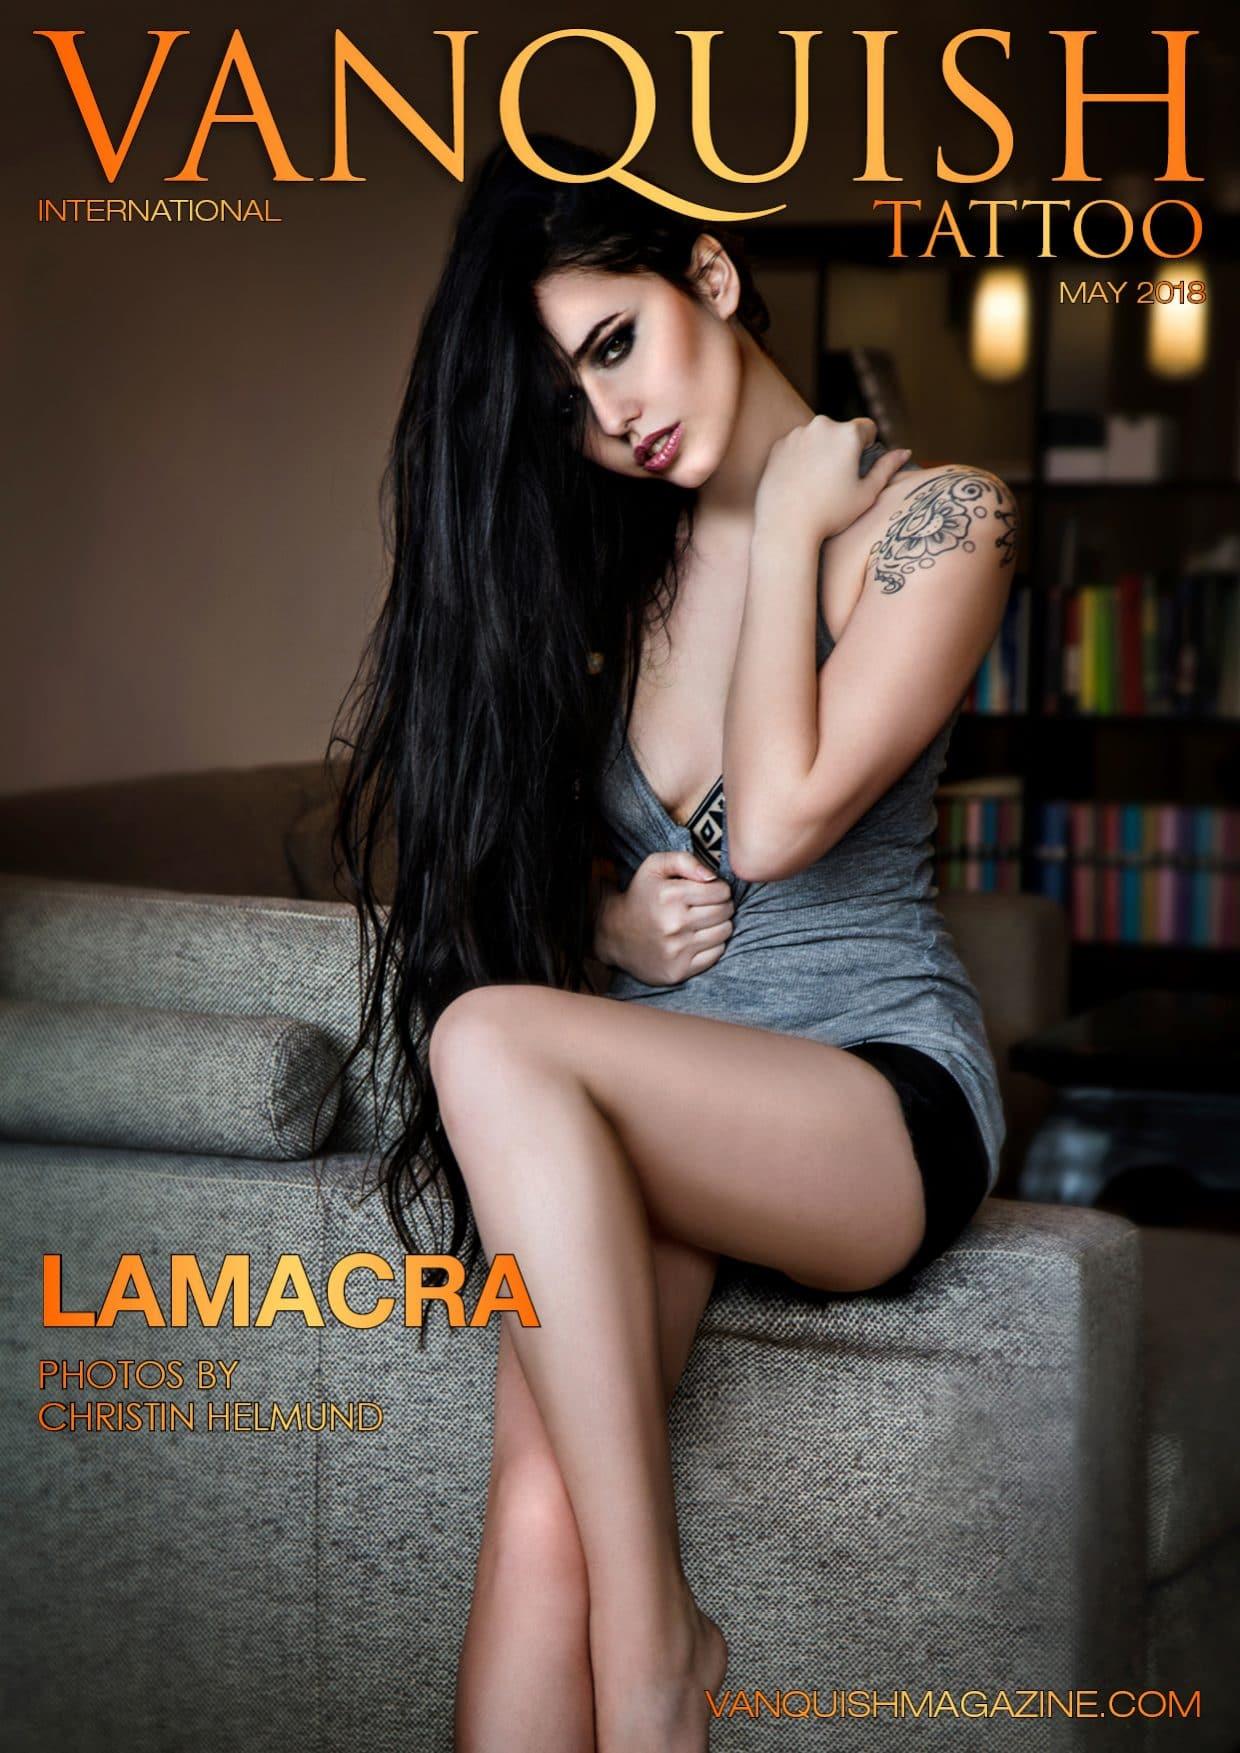 Vanquish Tattoo Magazine - May 2018 - Lamacra 1